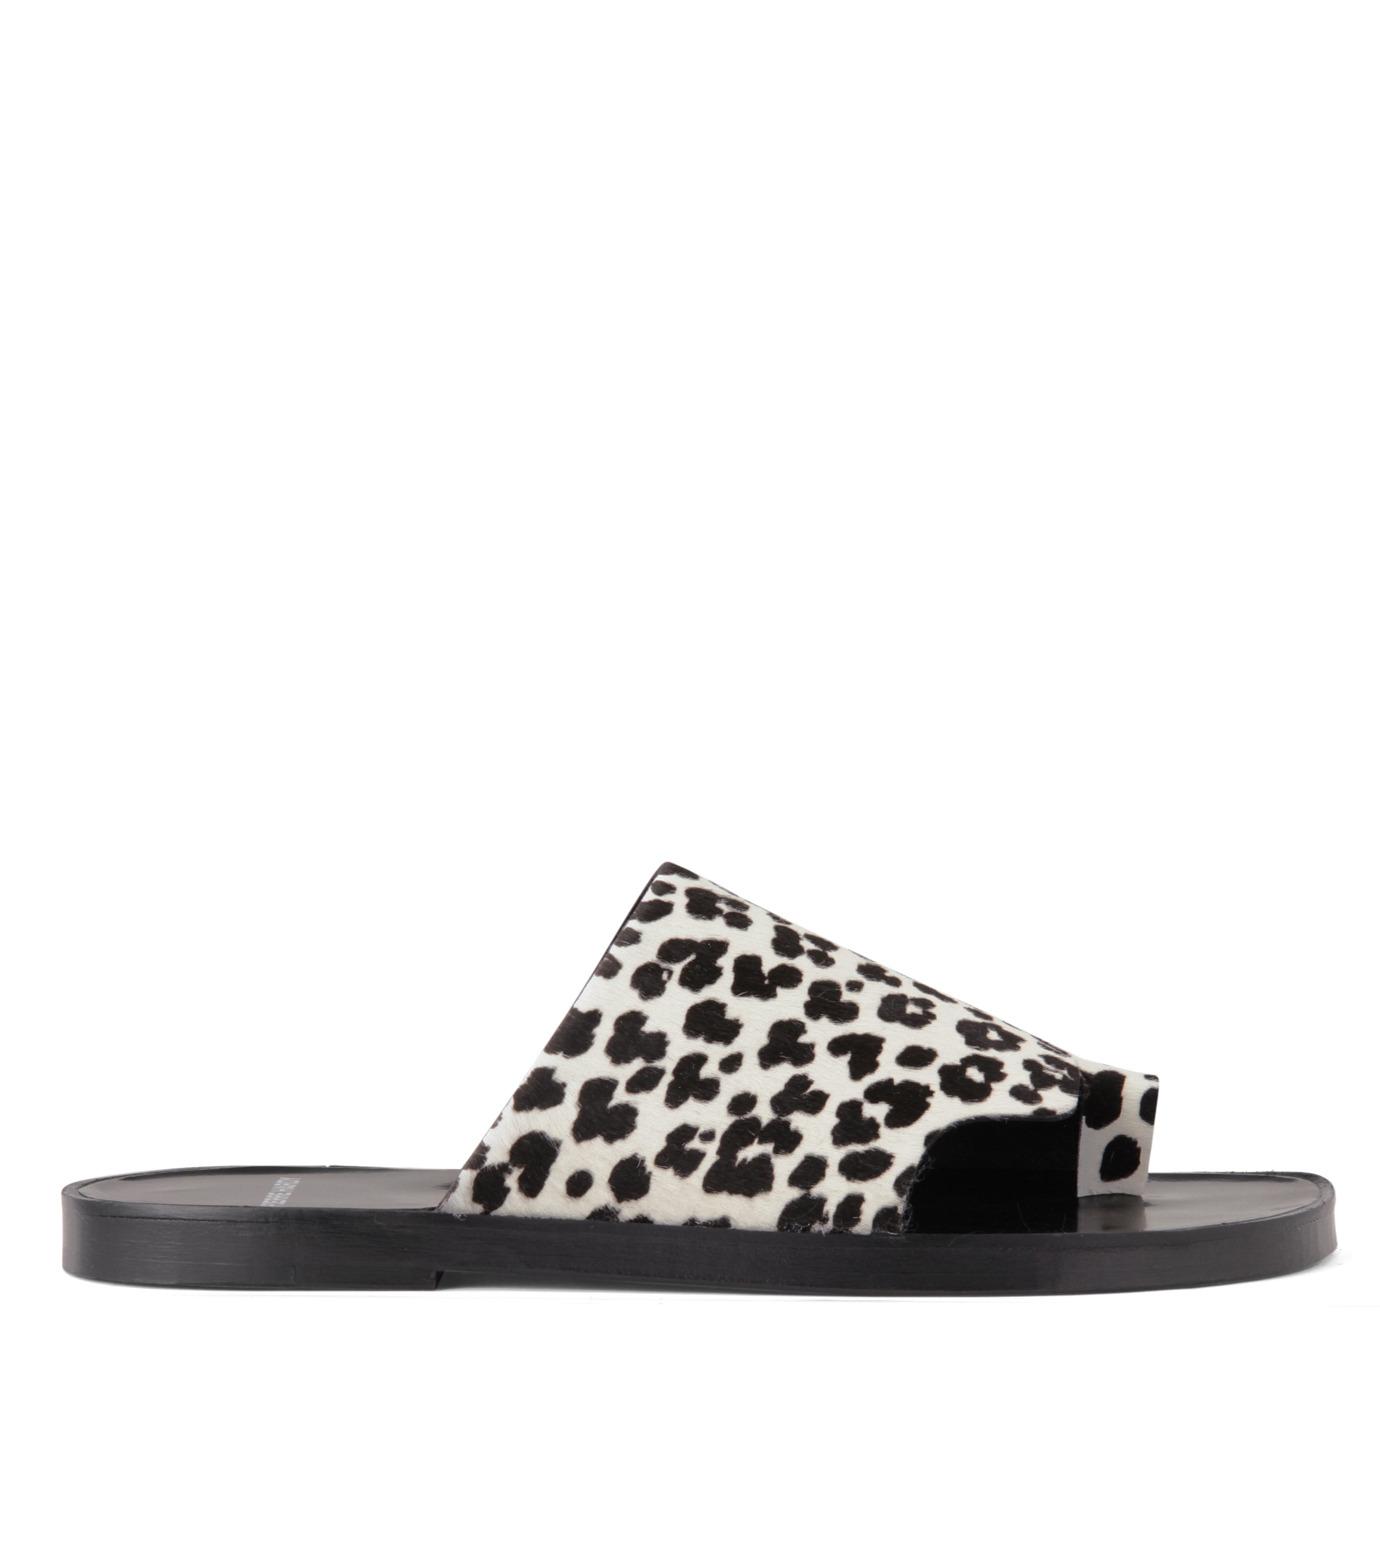 Pierre Hardy(ピエール アルディ)のLeopard Sandal-WHITE(シューズ/shoes)-S4FY08HRYCA-4 拡大詳細画像1